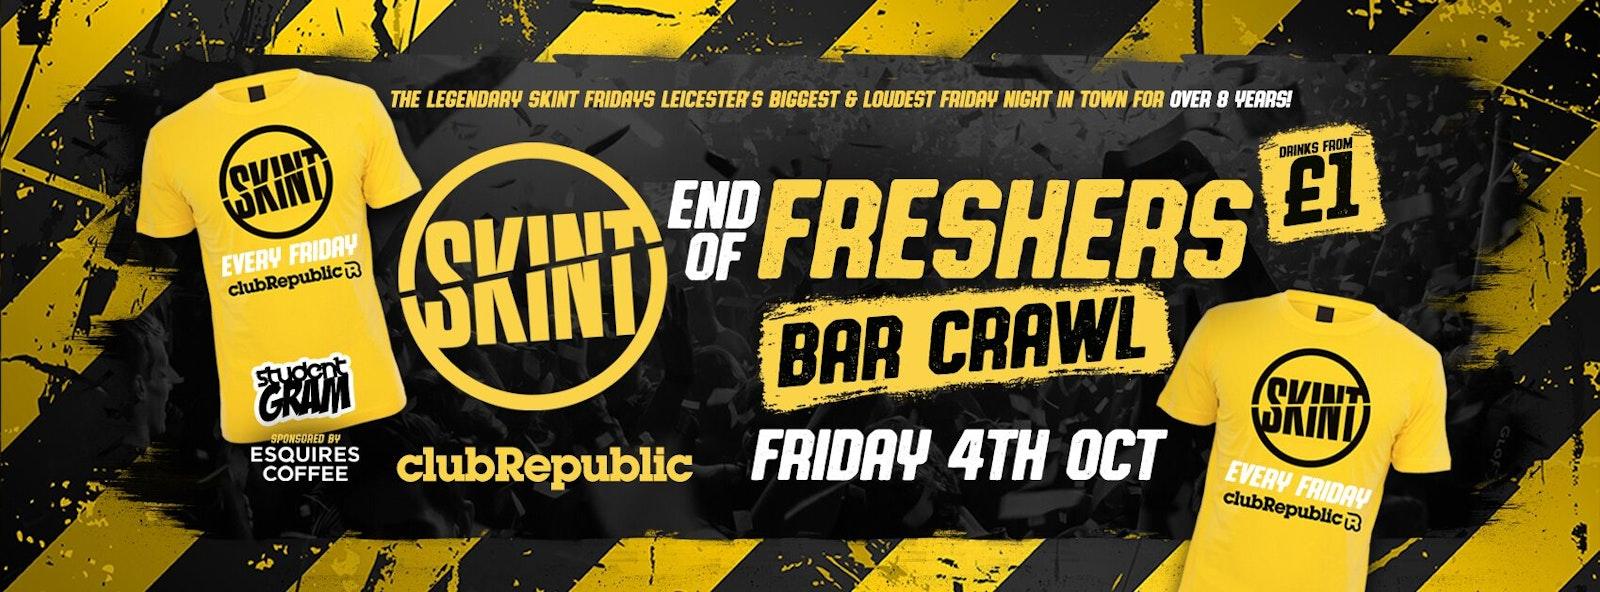 ★ Skint Fridays ★ End of Freshers BAR CRAWL ★ Club Republic ★